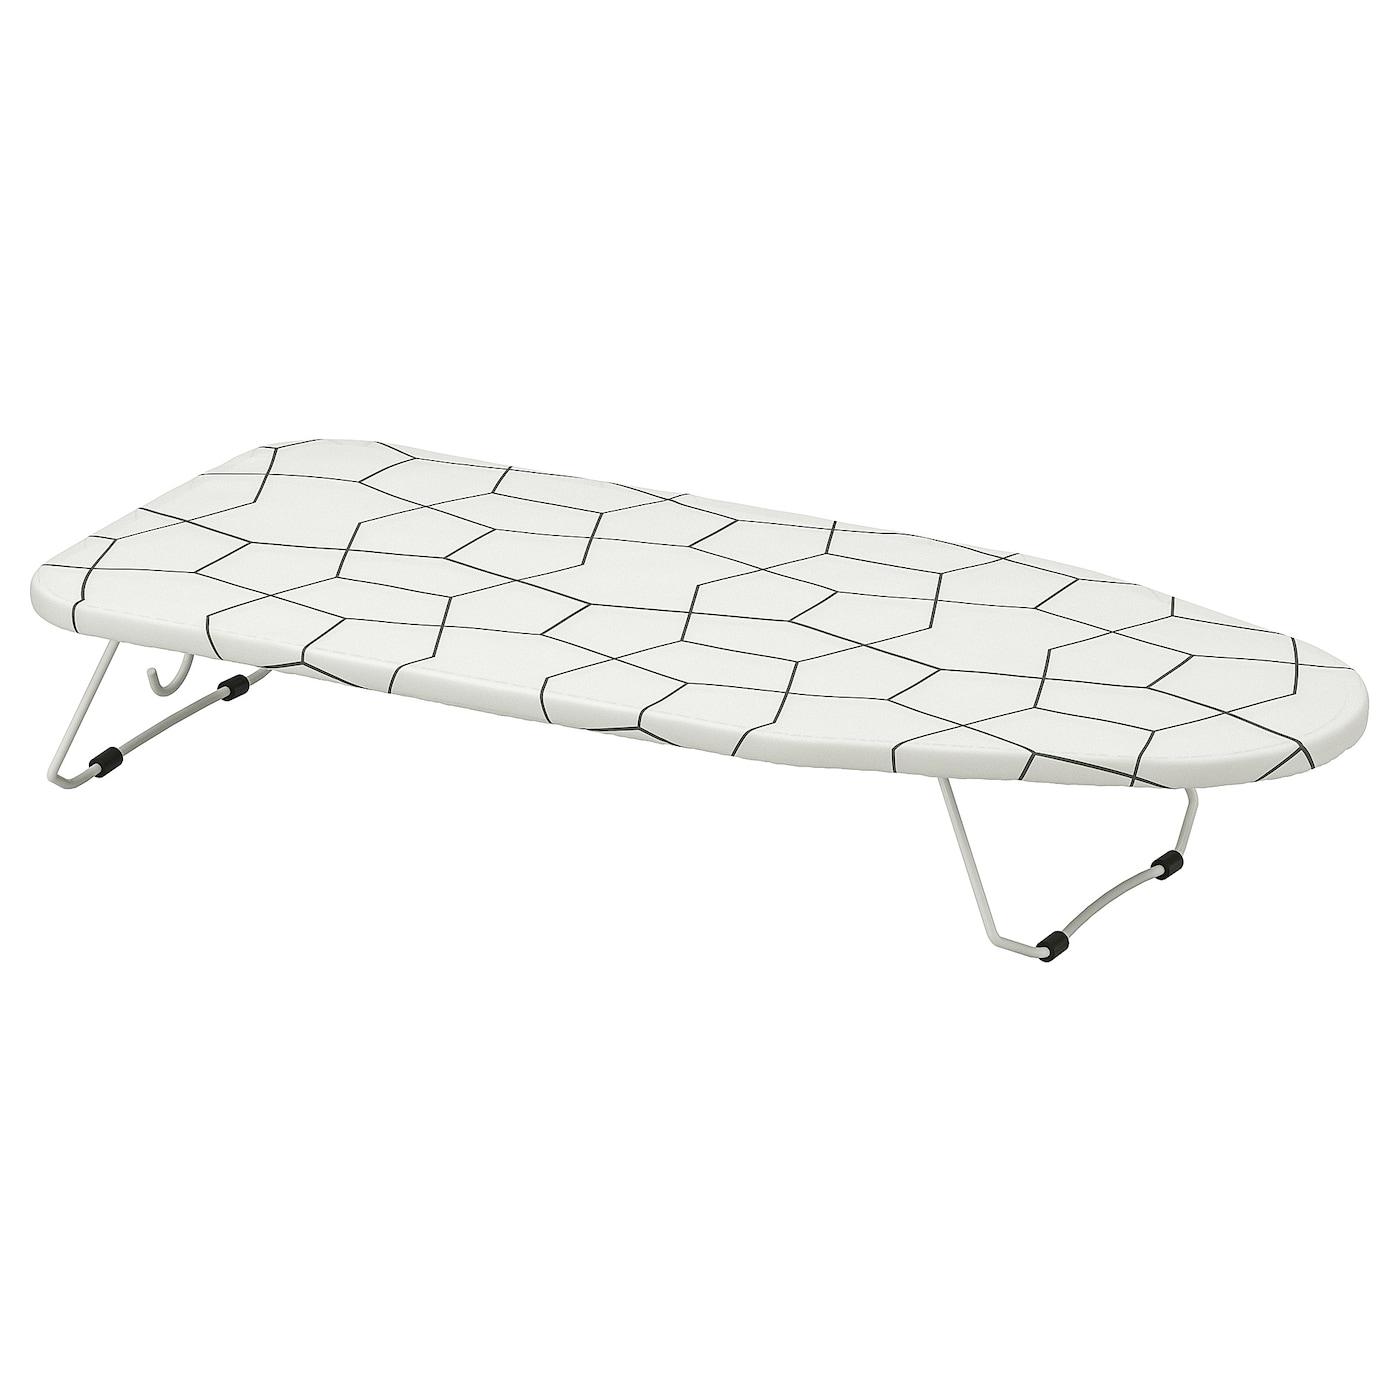 JÄLL Bügelbrett, Tisch - IKEA Österreich